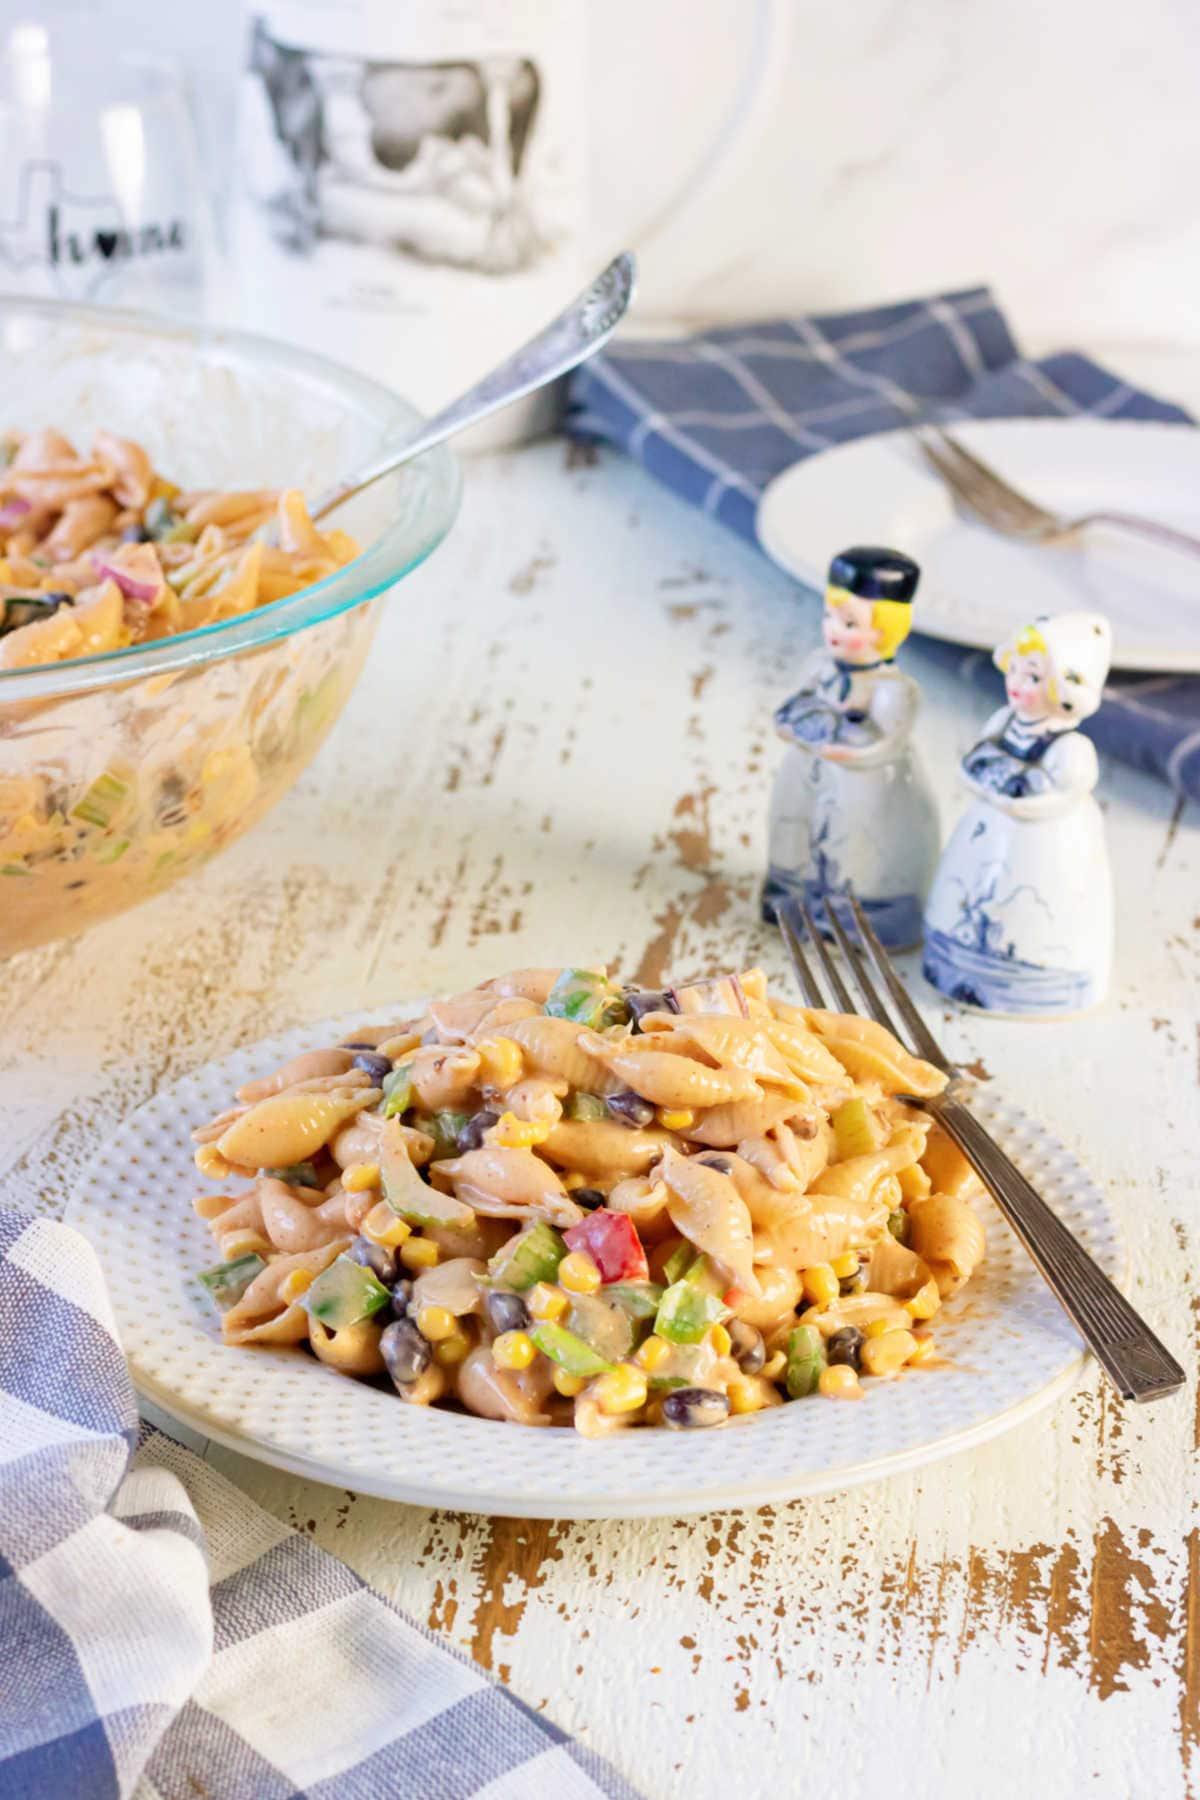 A plateful of bbq macaroni salad on a table.